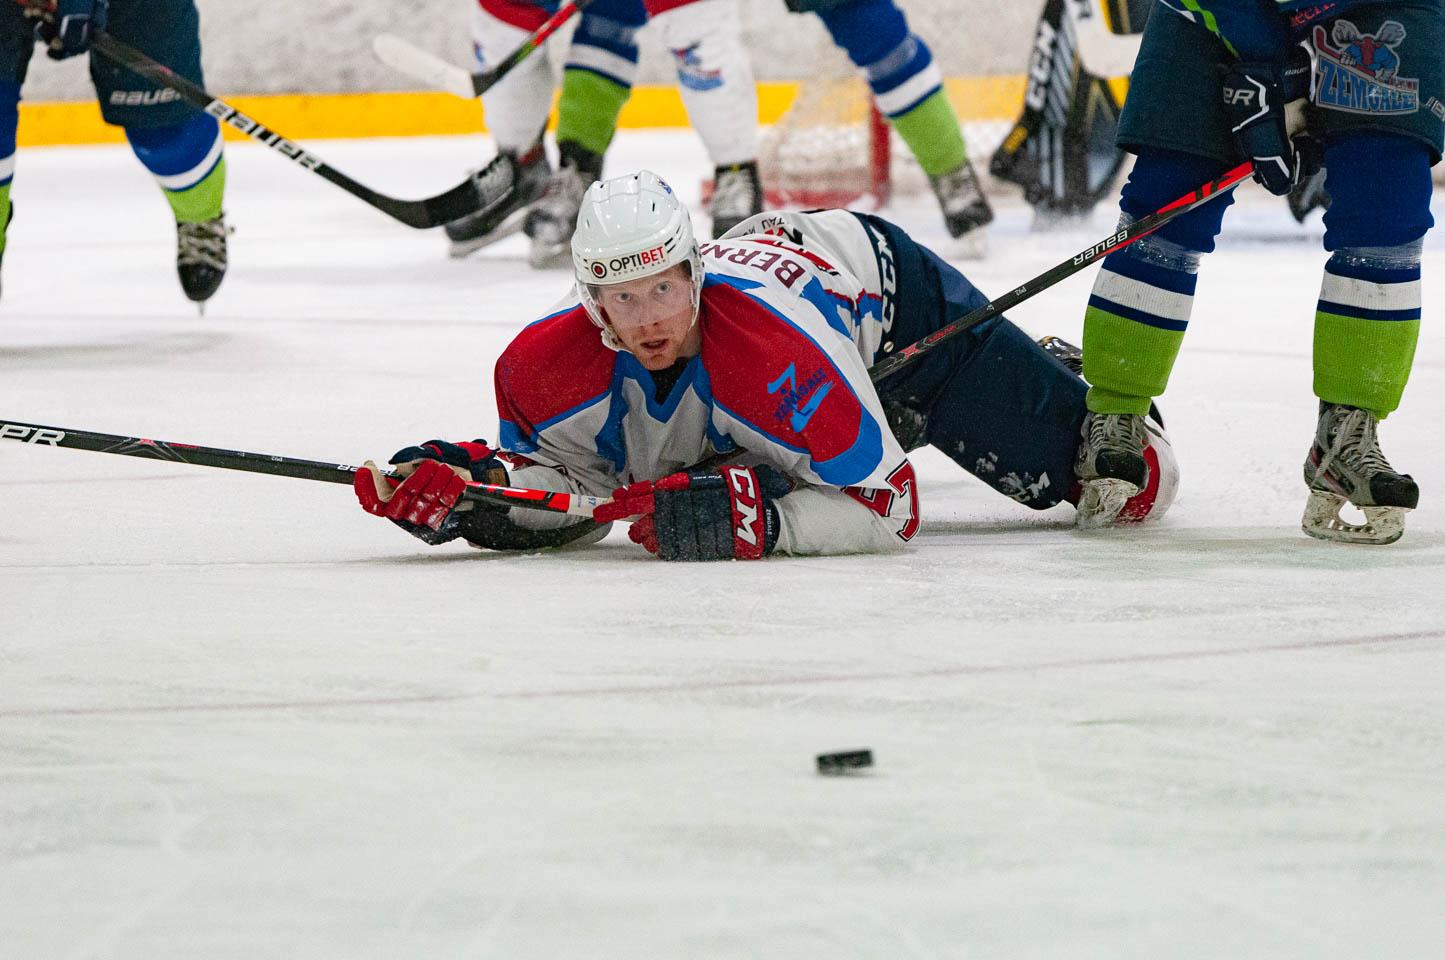 Hokejists guļ uz ledus un vēro slīdošo ripu